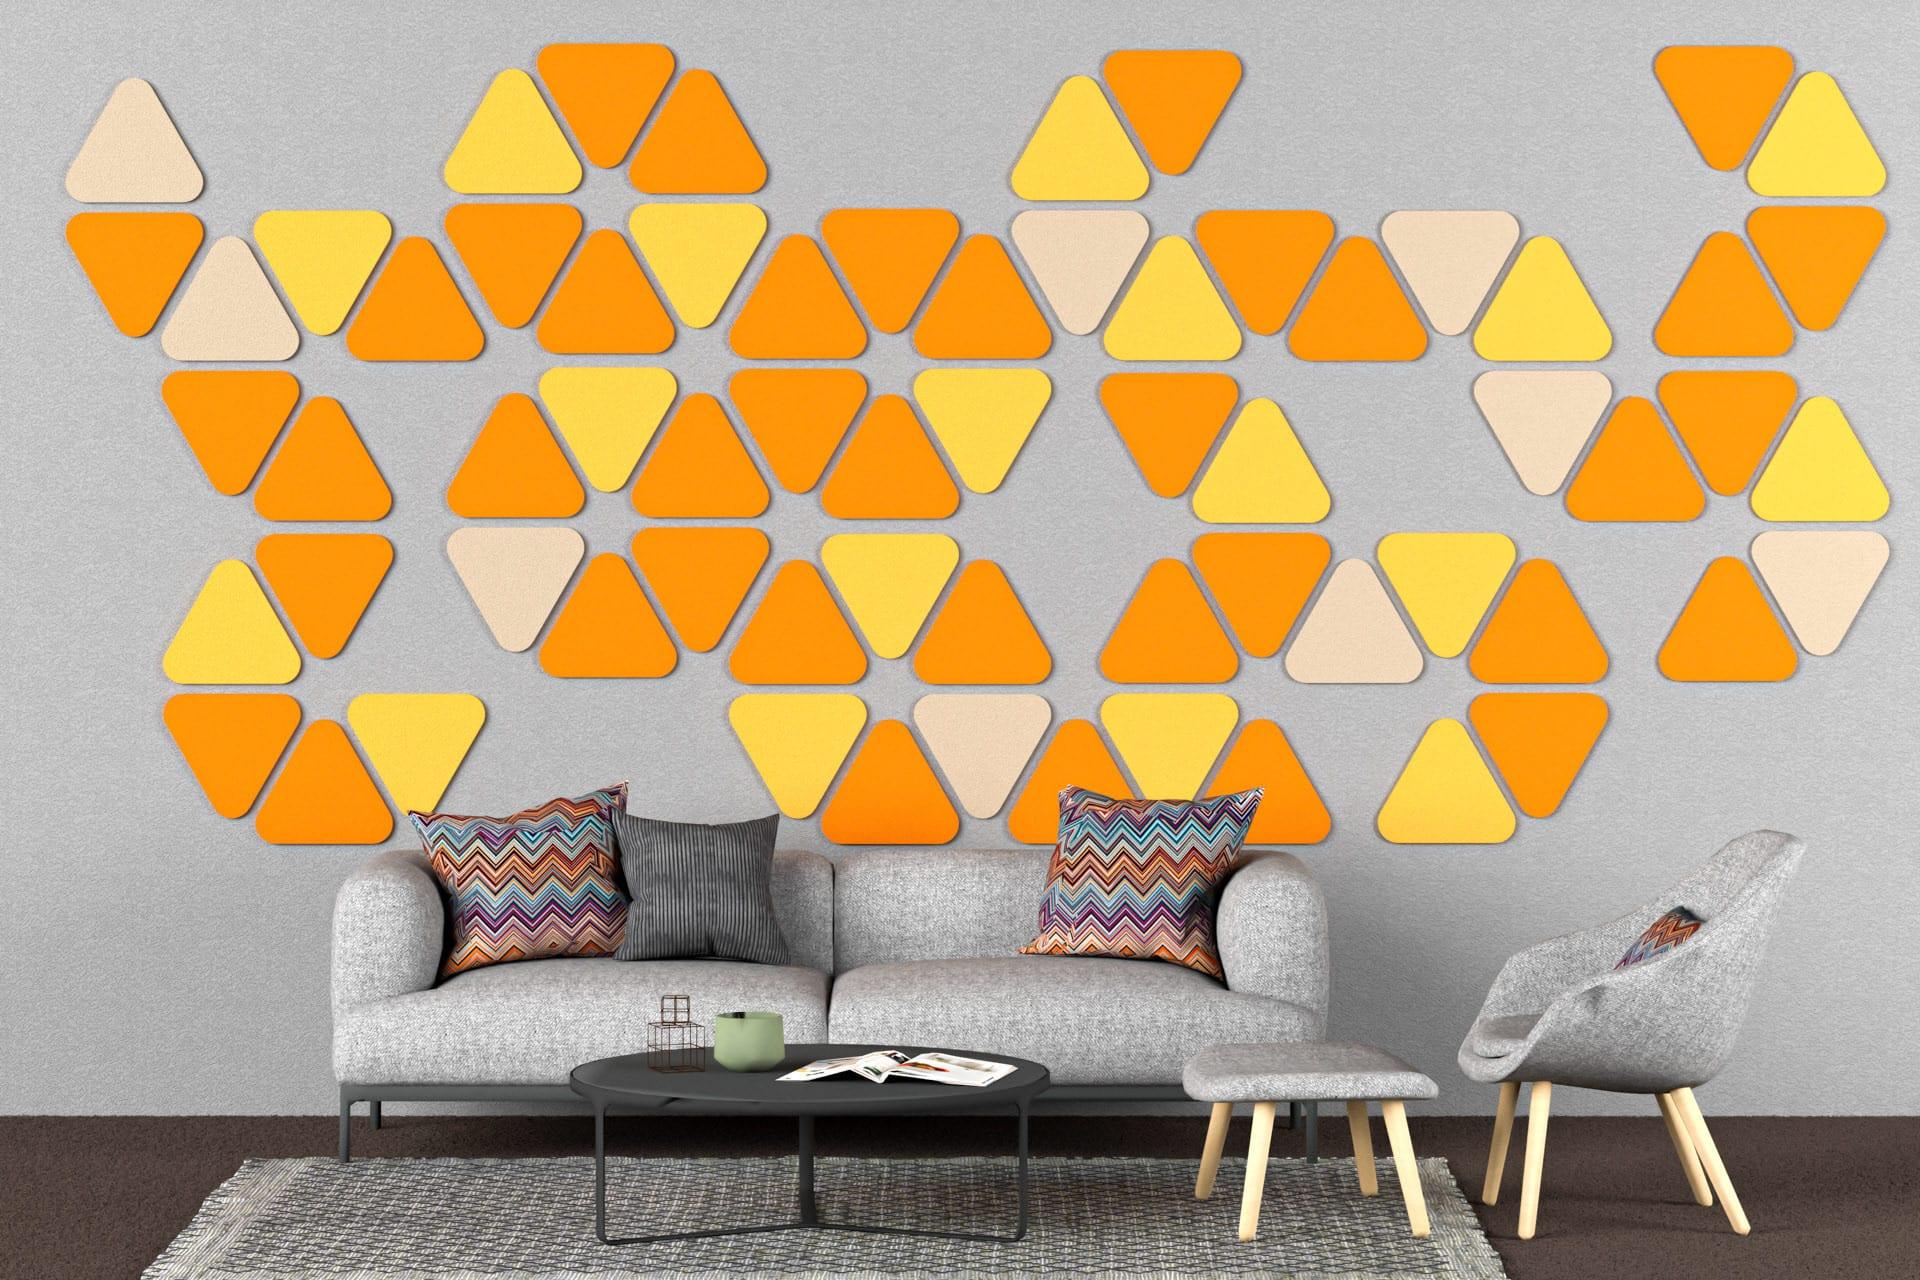 Panele dekoracyjne dźwiękochłonne w kształcie zaokrąglonych trójkątów na ścianie w salonie